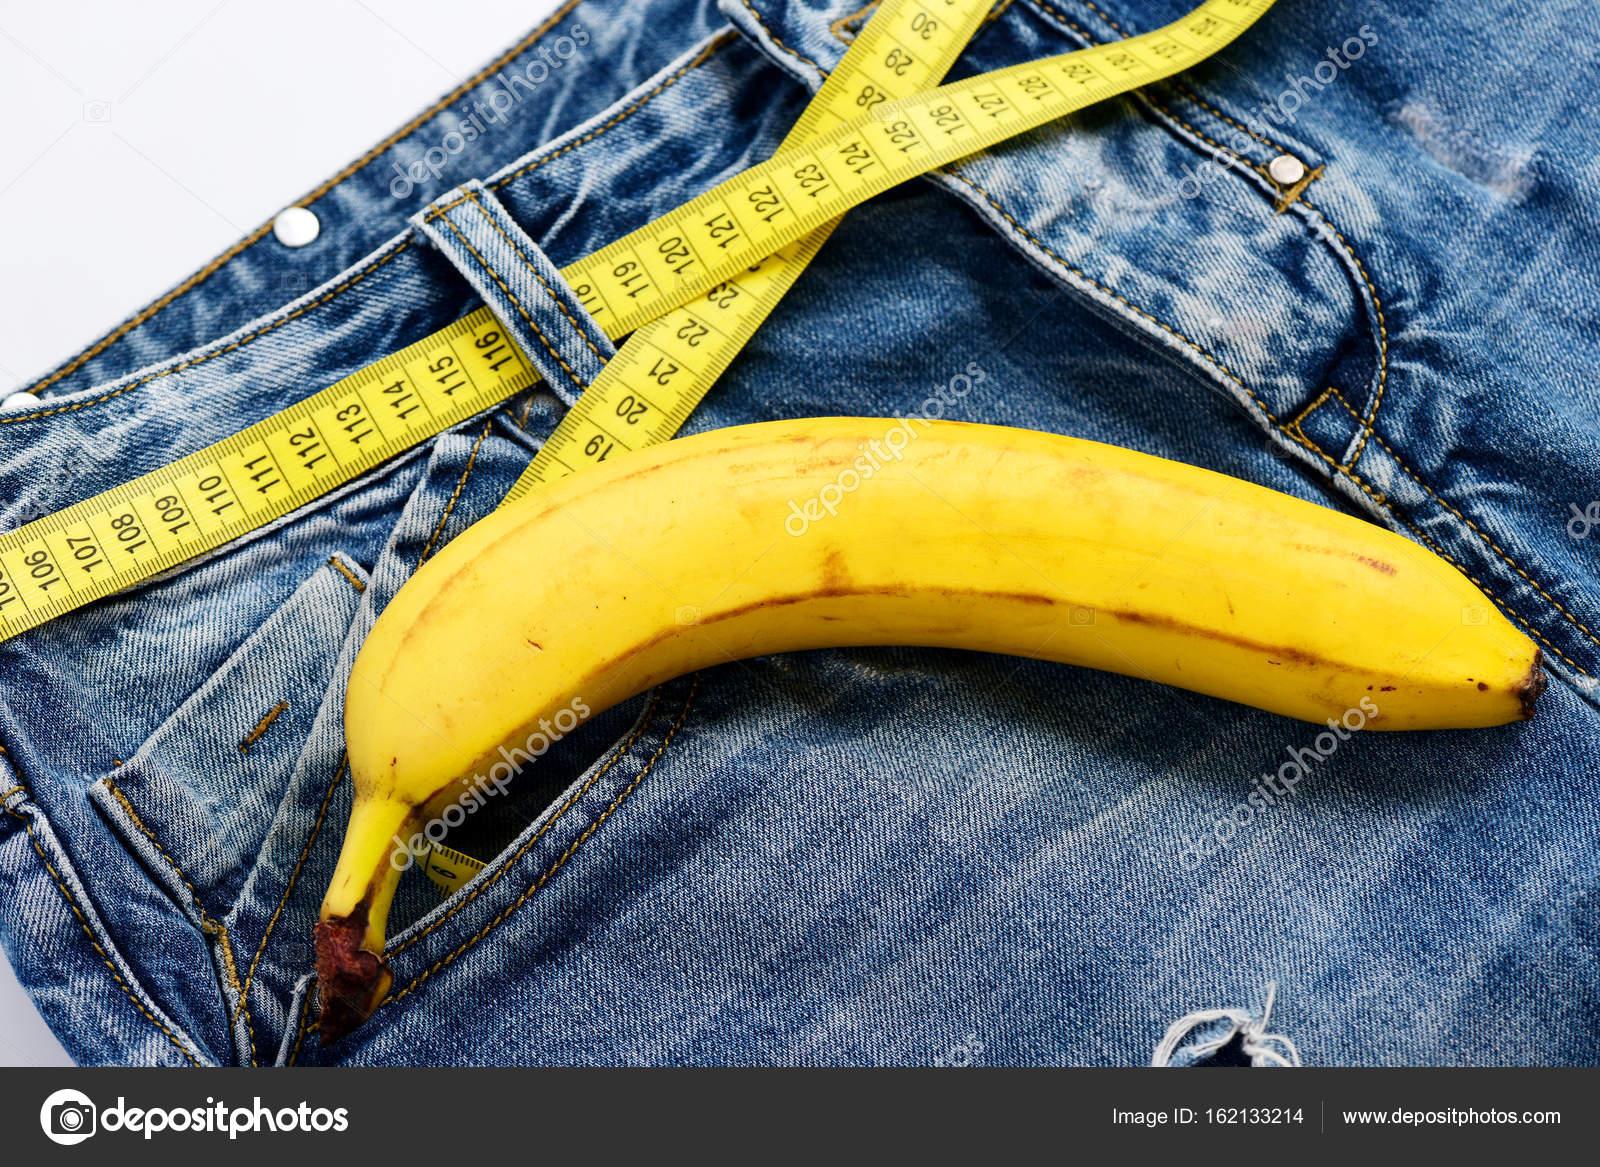 Jeans mit Banane, die männliche Genitalien zu imitieren — Stockfoto ...